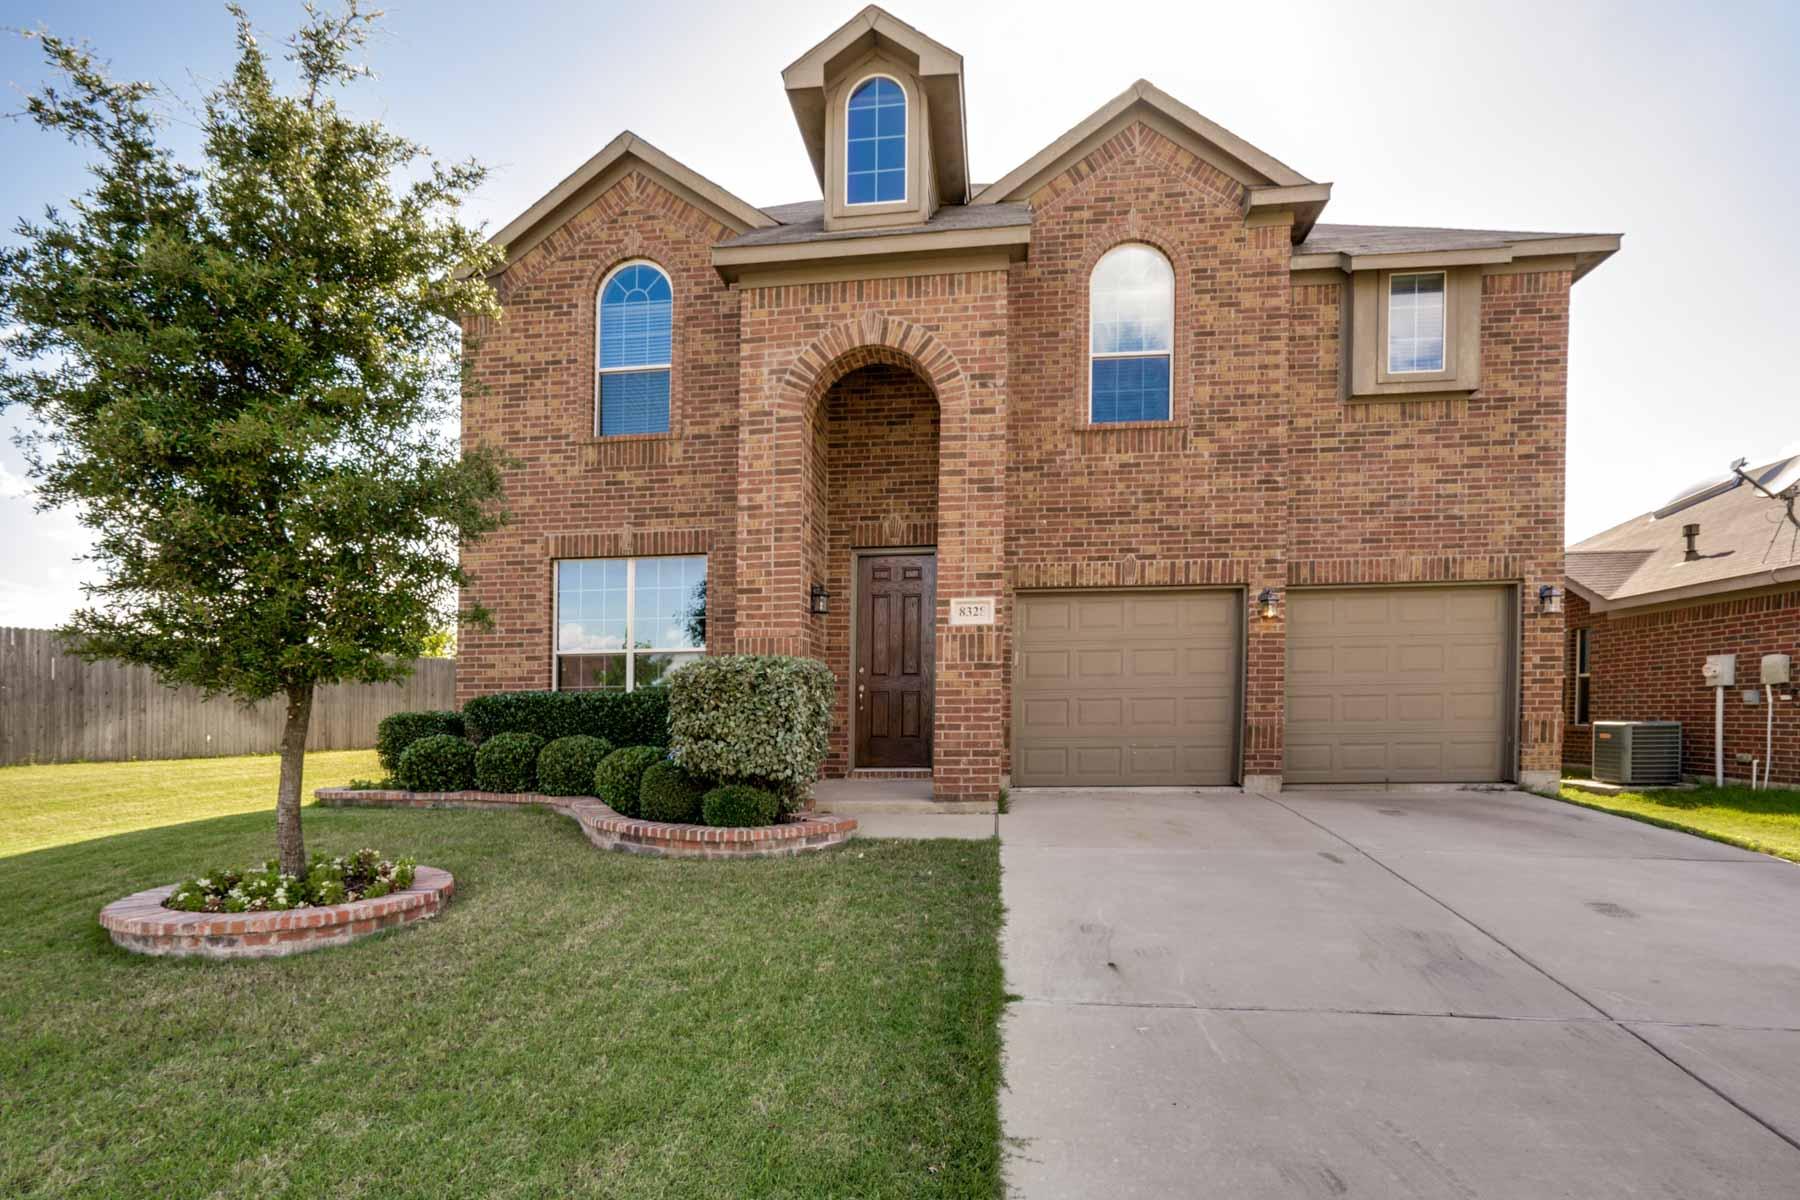 Casa para uma família para Venda às Fully Upgraded Traditional Custom Home on Quiet Cul De Sac 8328 Orchard Creed Road Fort Worth, Texas, 76123 Estados Unidos